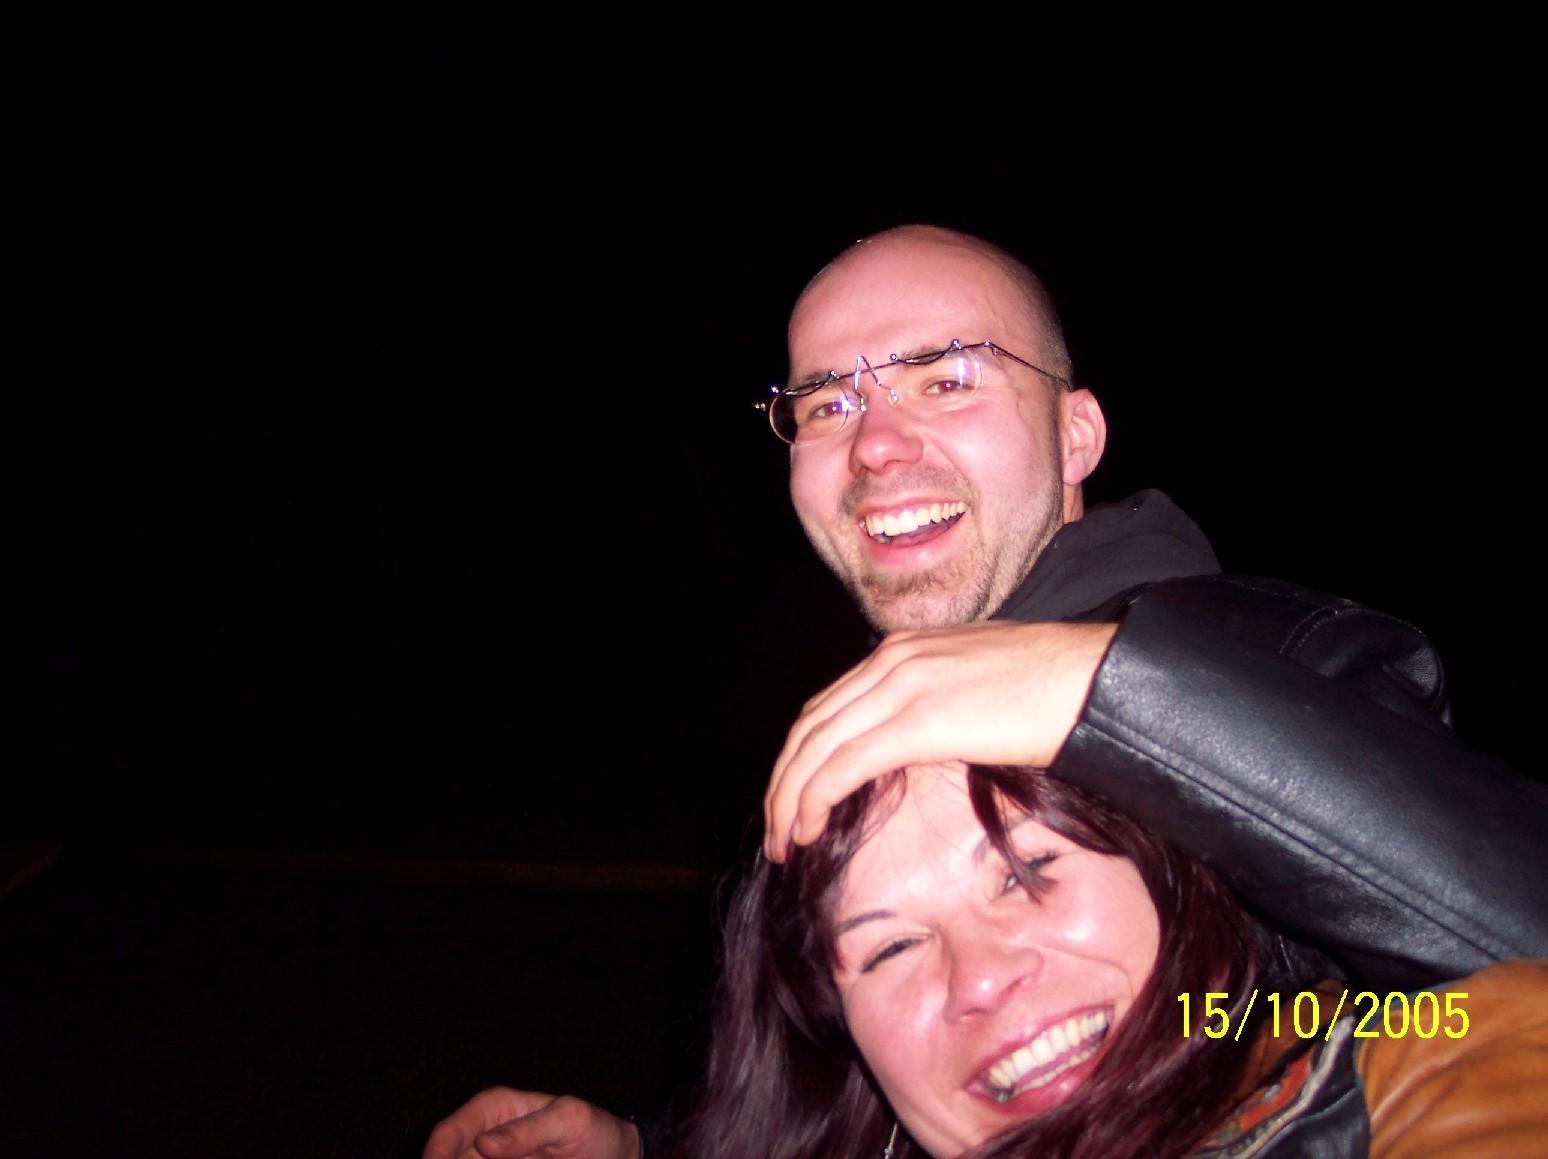 Das bin ich und die Tini beim Hawei seim orig. Oktoberfesdal